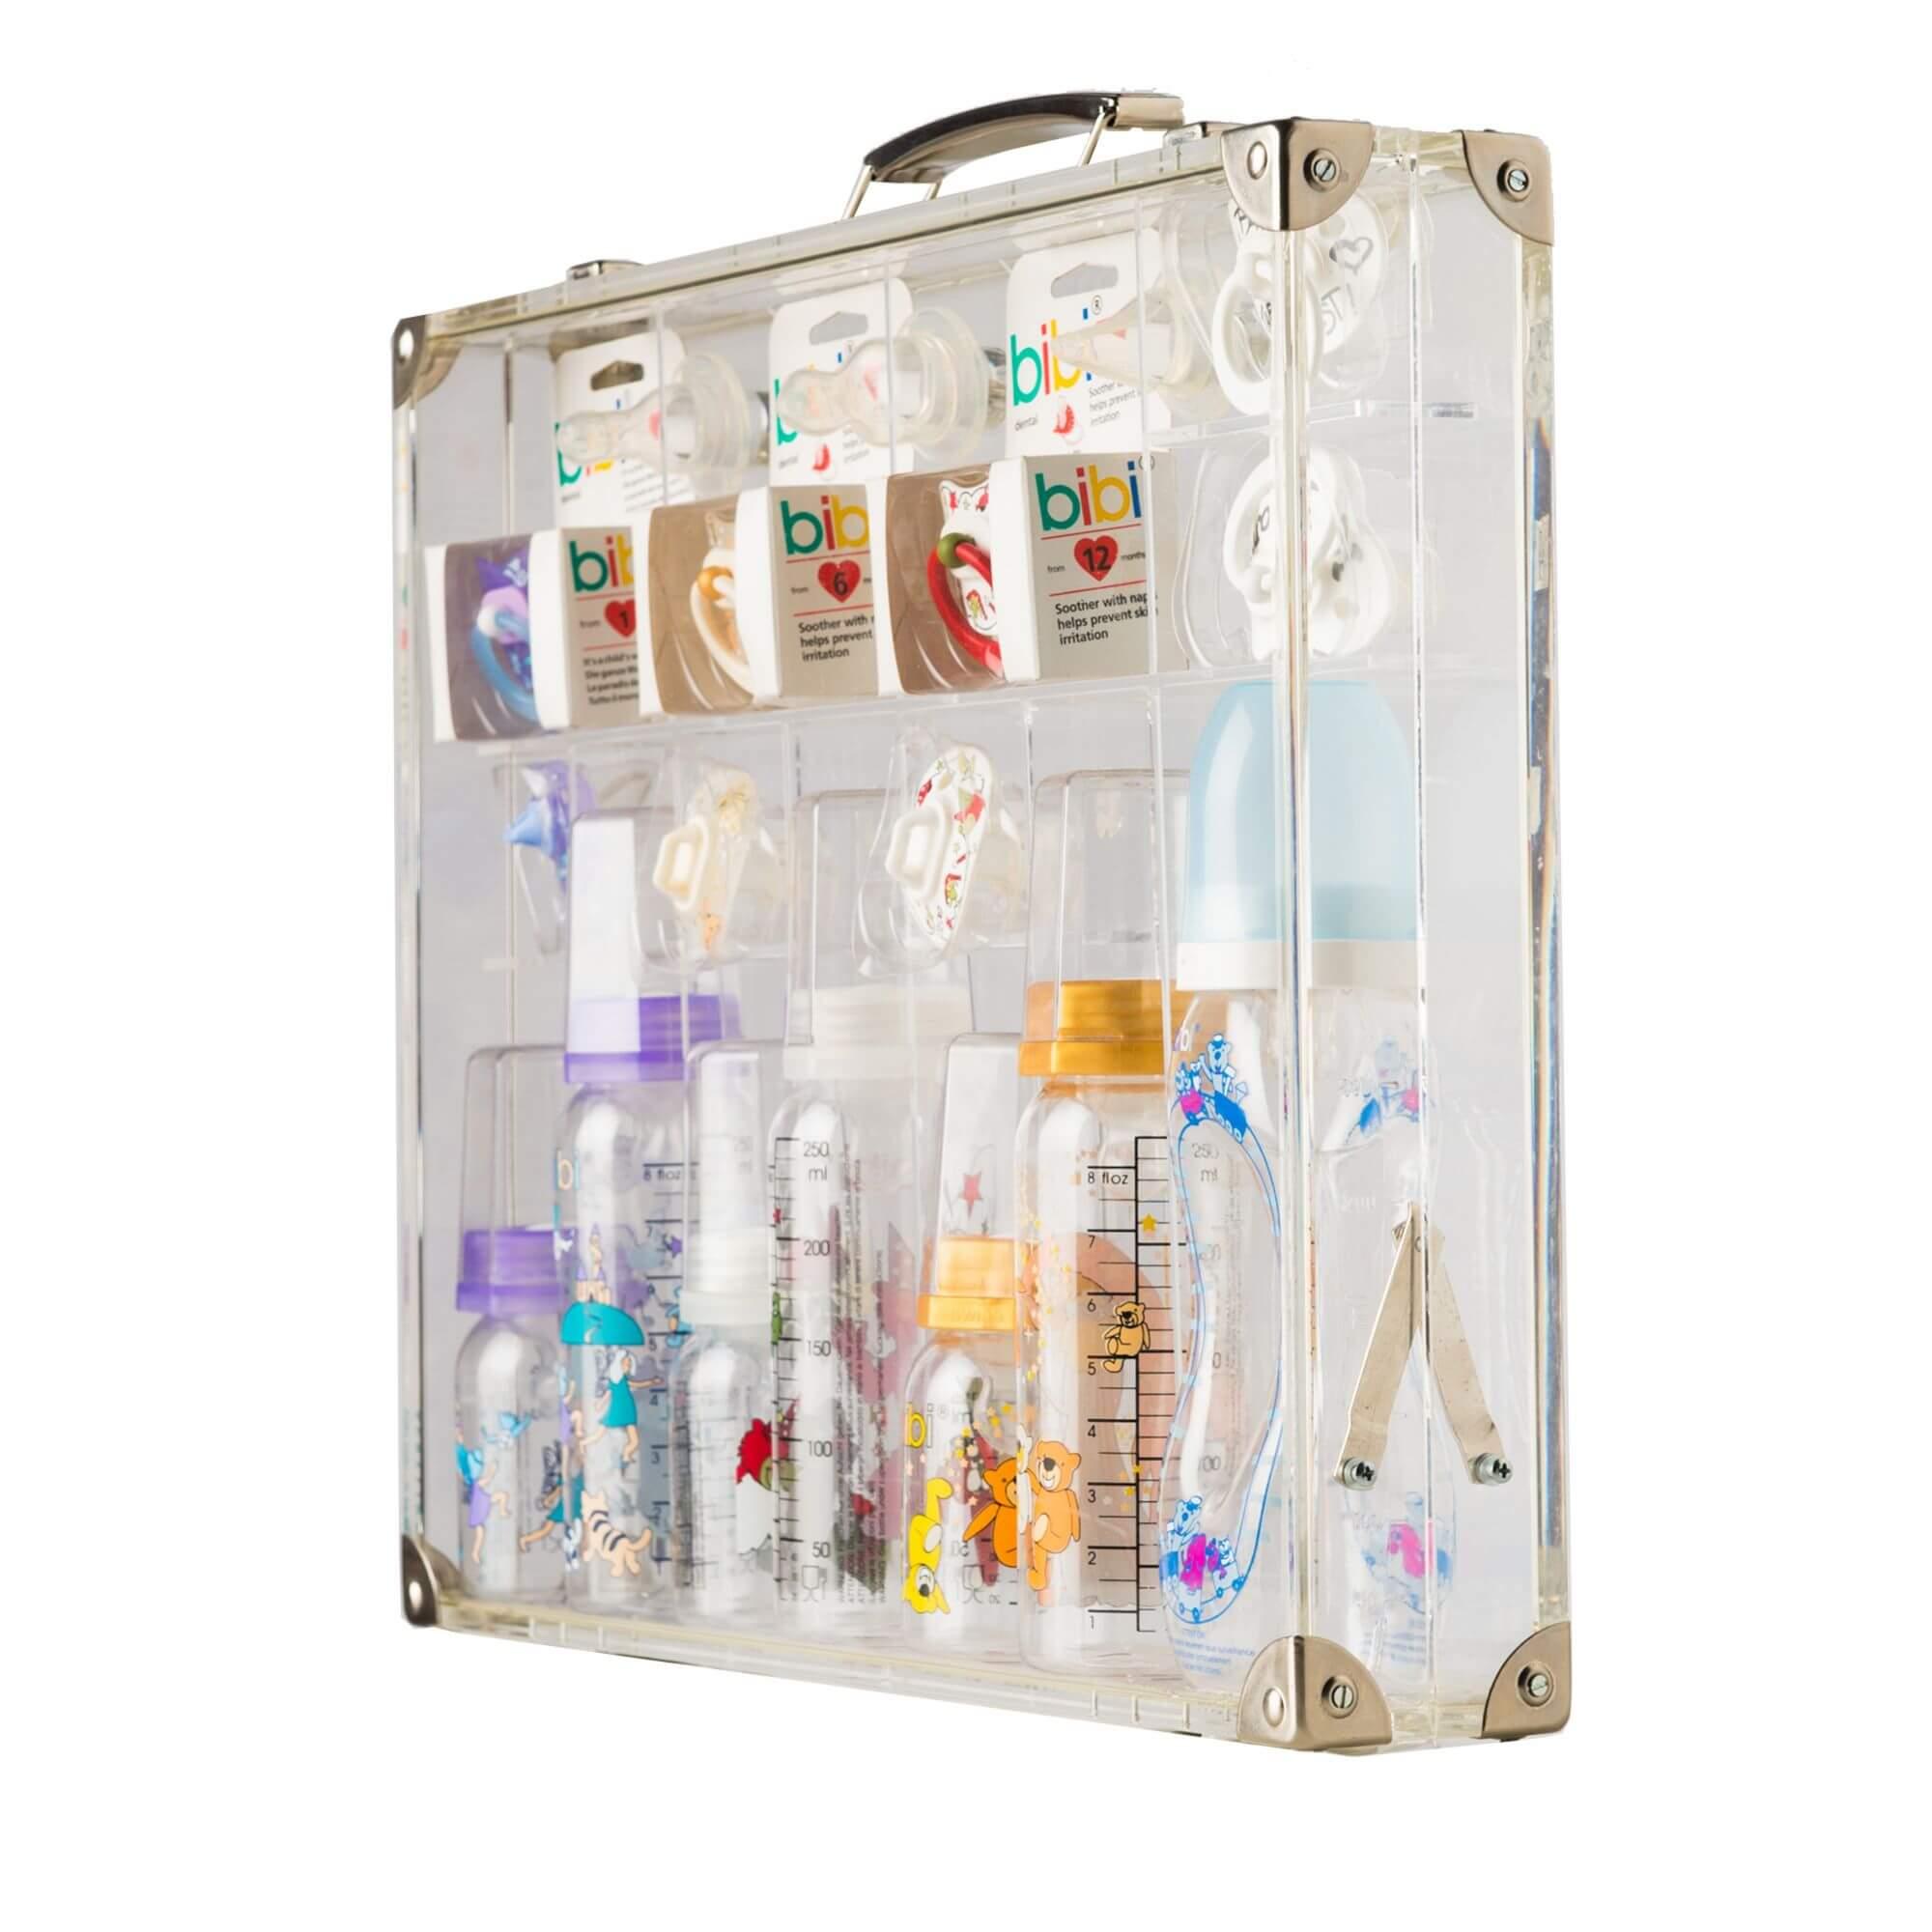 Acryline Valise de présentation pour des produits en verre acrylique acryl promotion sales decoration cadeau individuell valise display